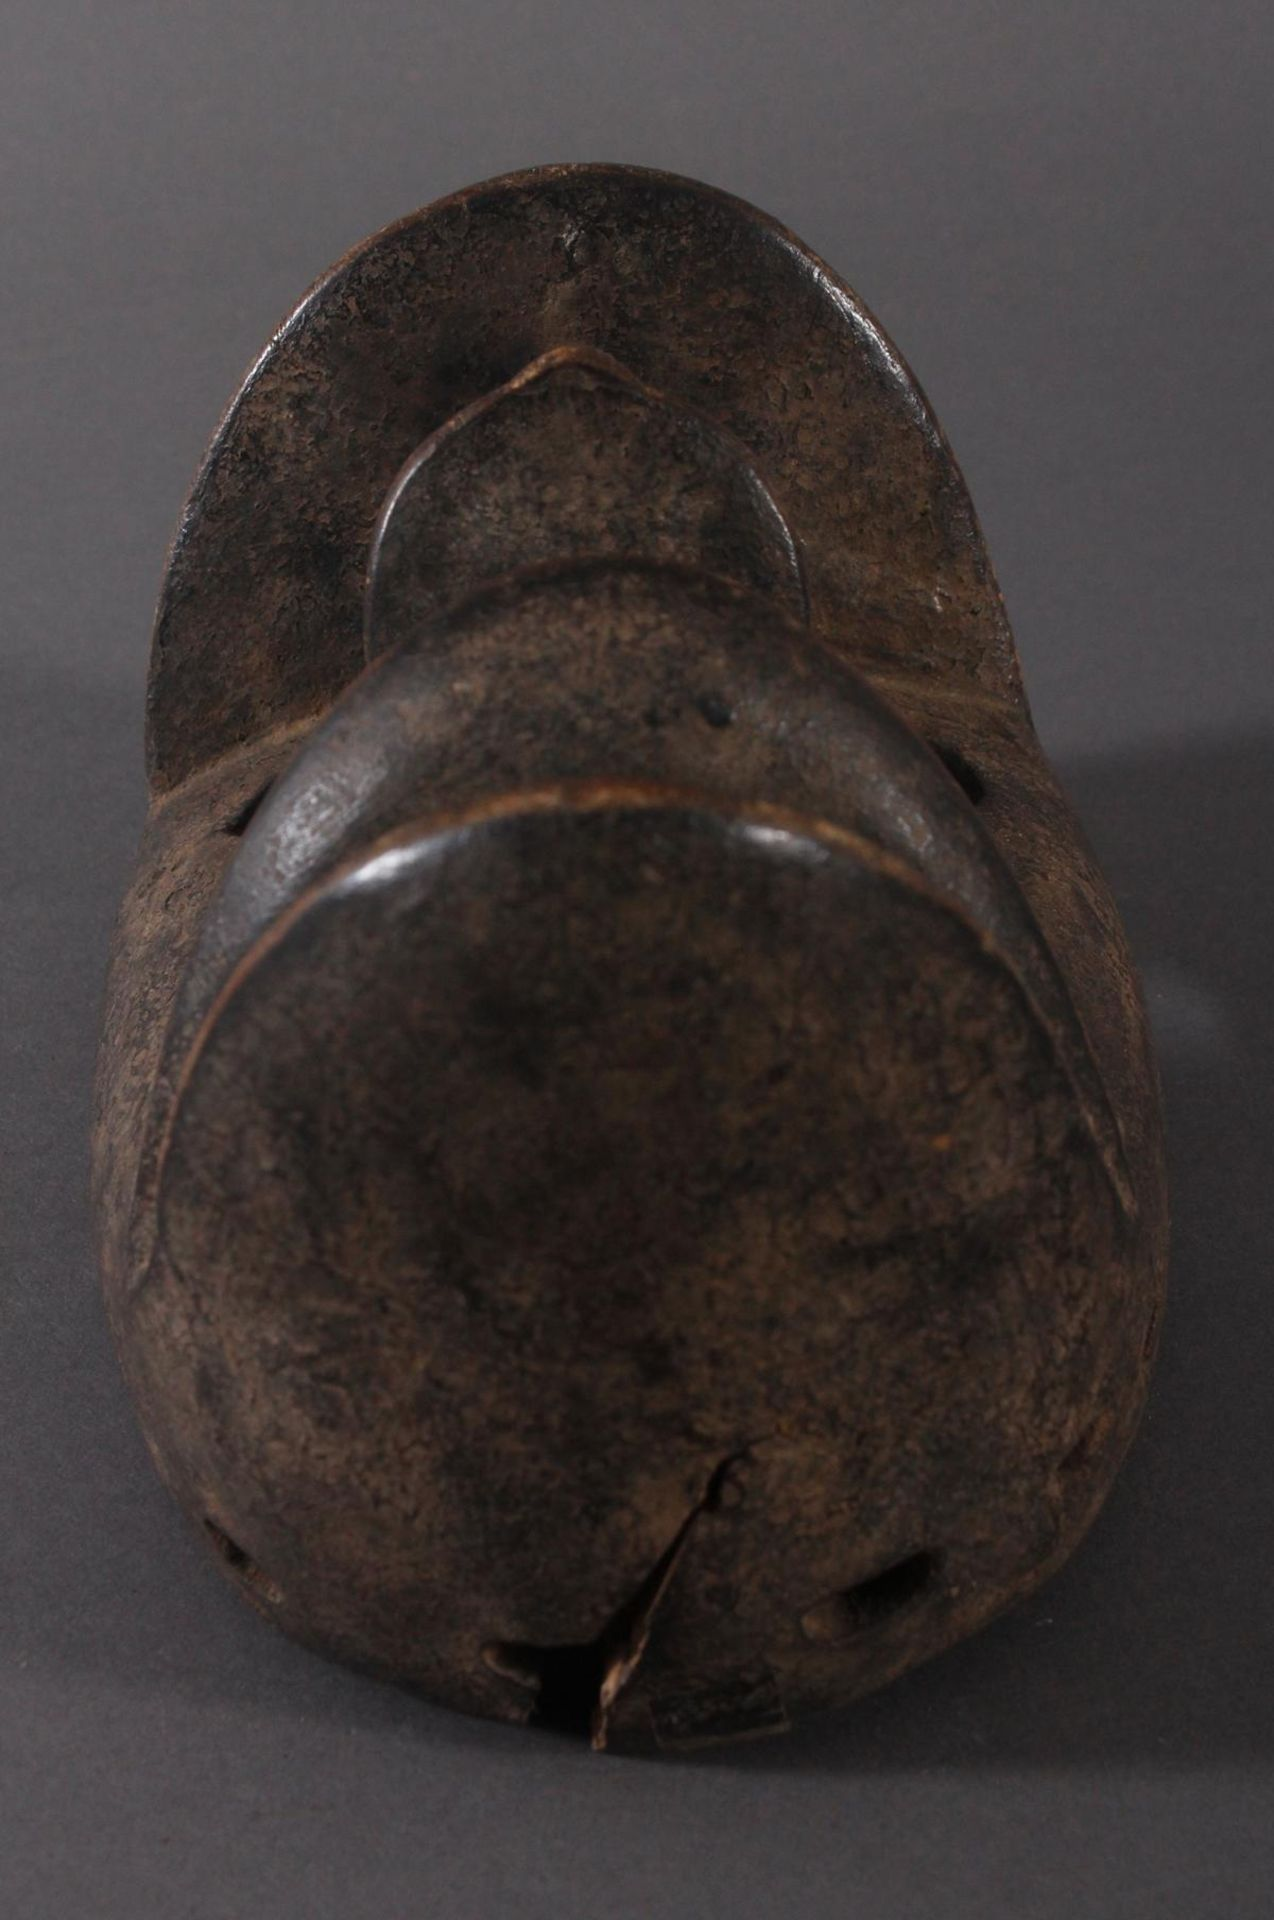 Antike Maske der Dan-Kran, Elfenbeinküste 1. Hälfte 20. Jh.Holz geschnitzt, dunkle Patina ,nach - Bild 5 aus 6